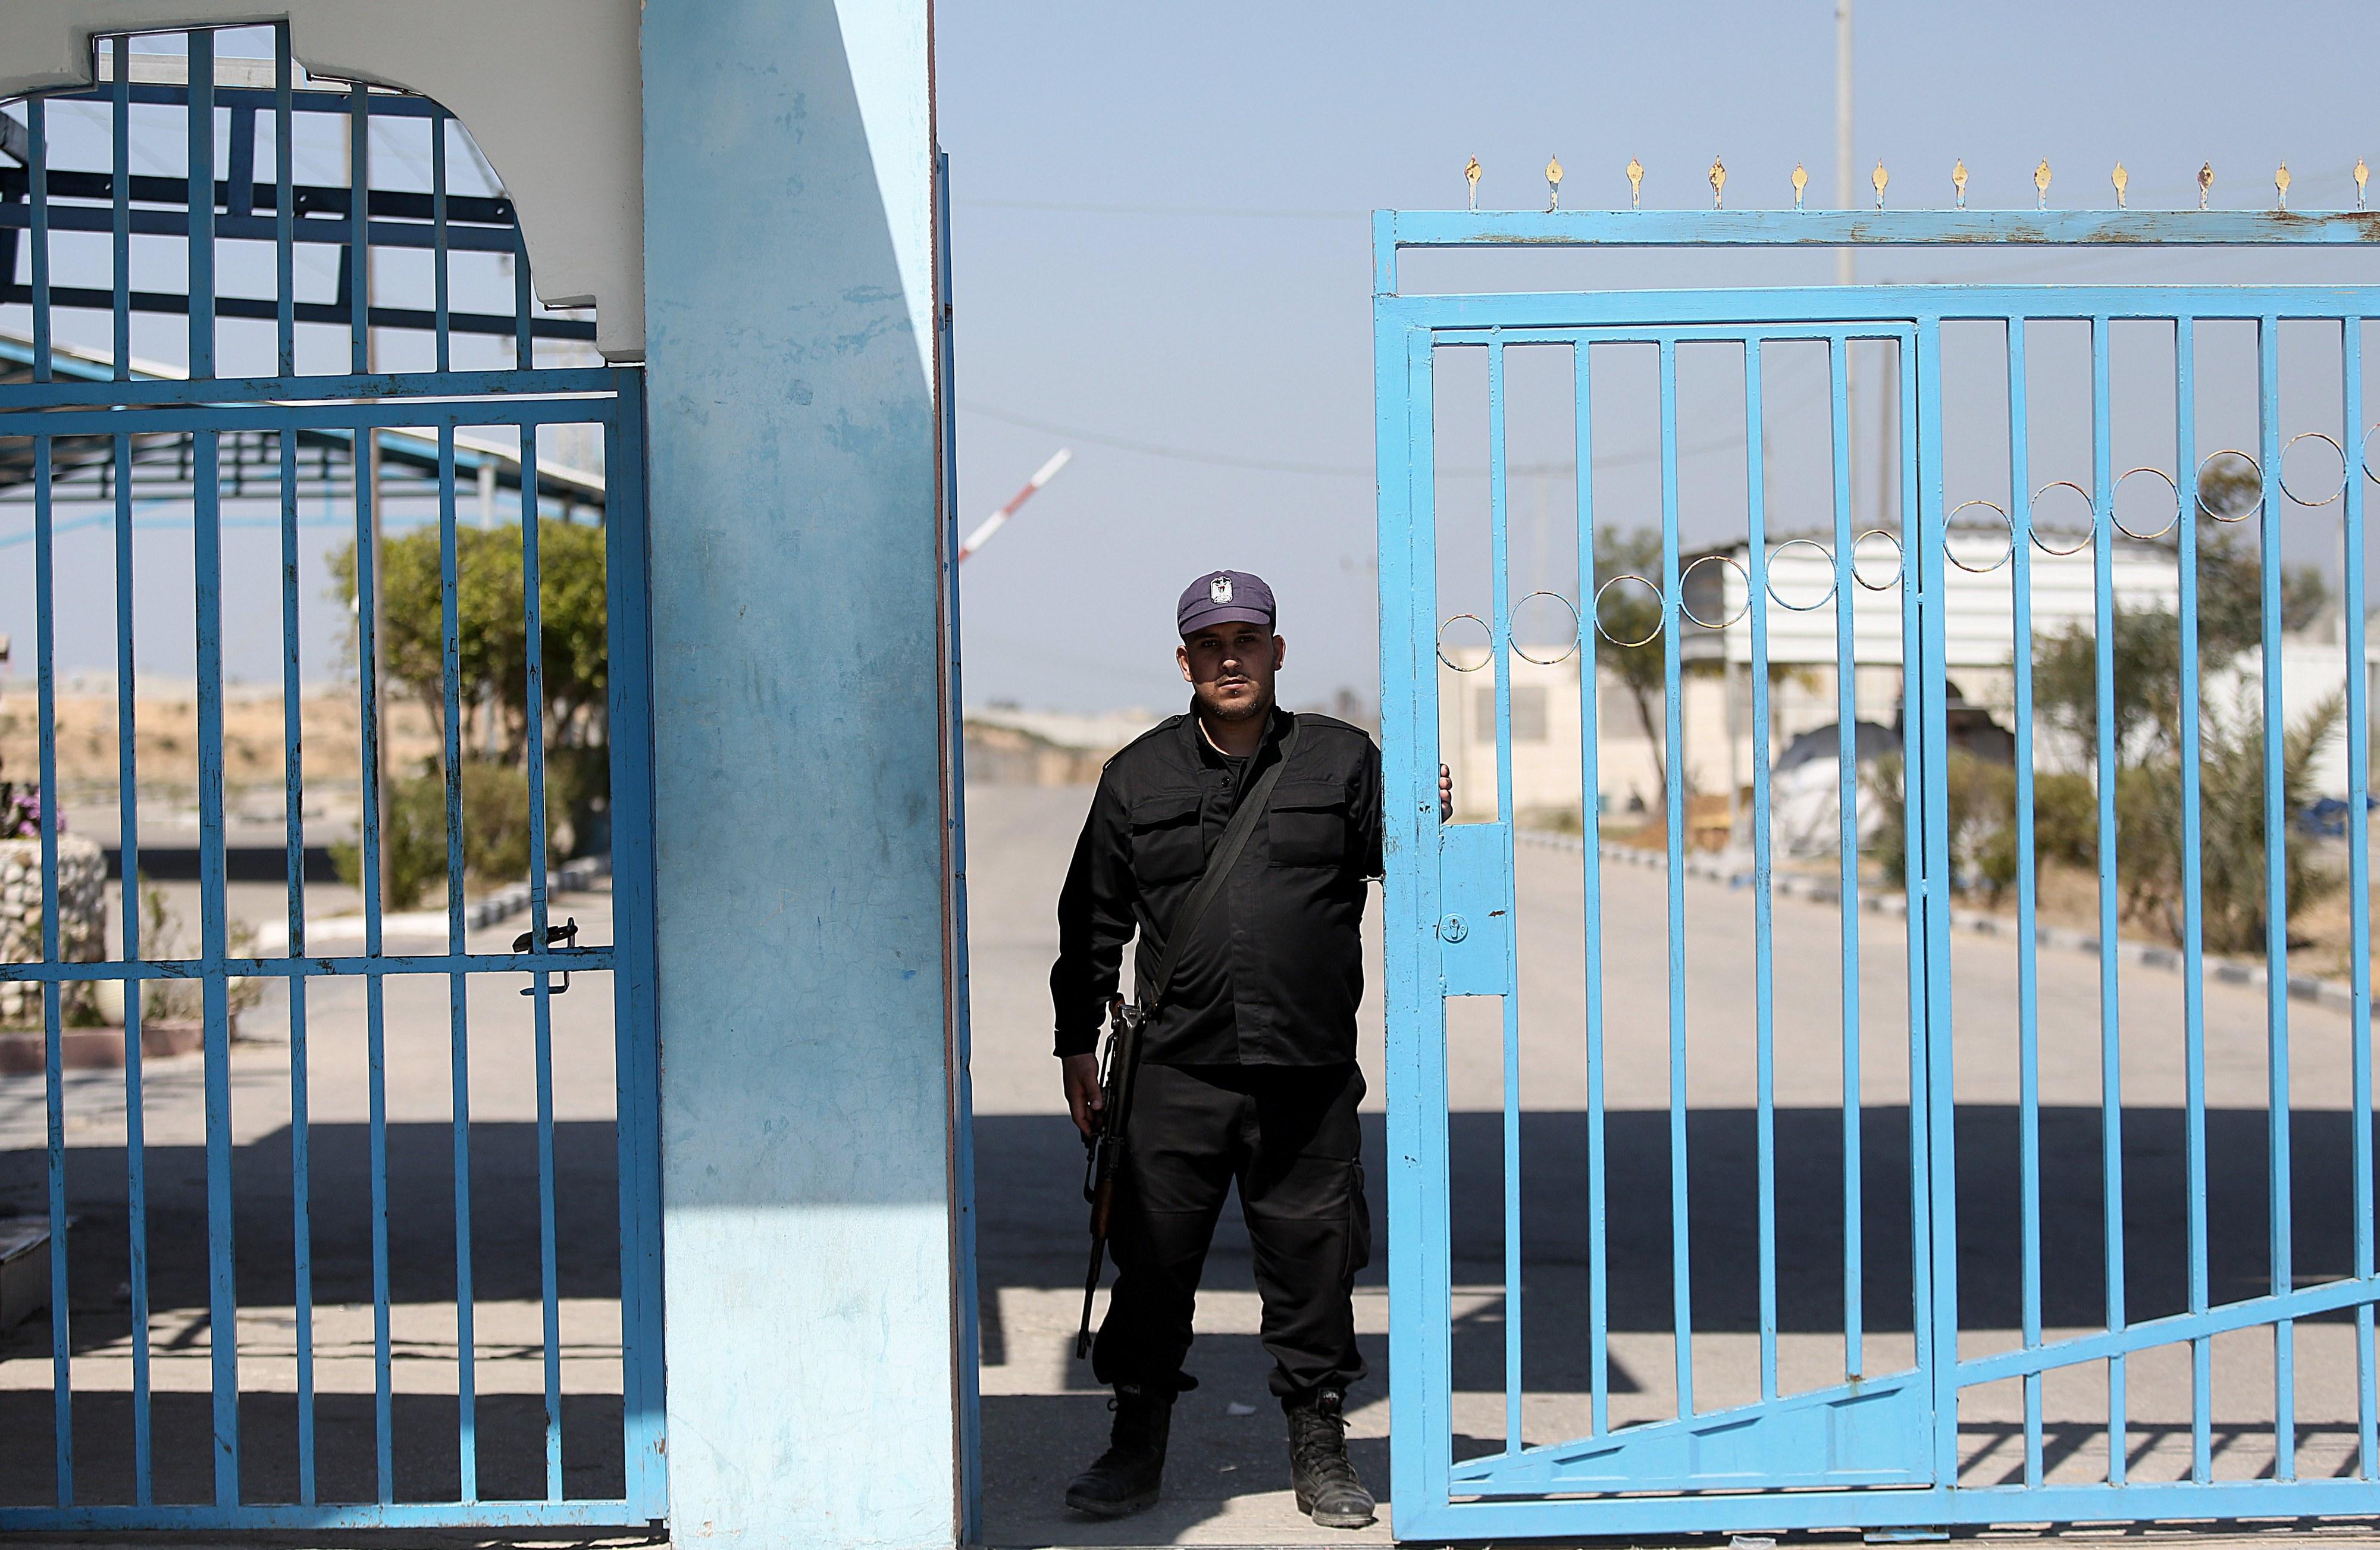 Hamas fechou o único acesso israelita a Gaza após morte de comandante militar